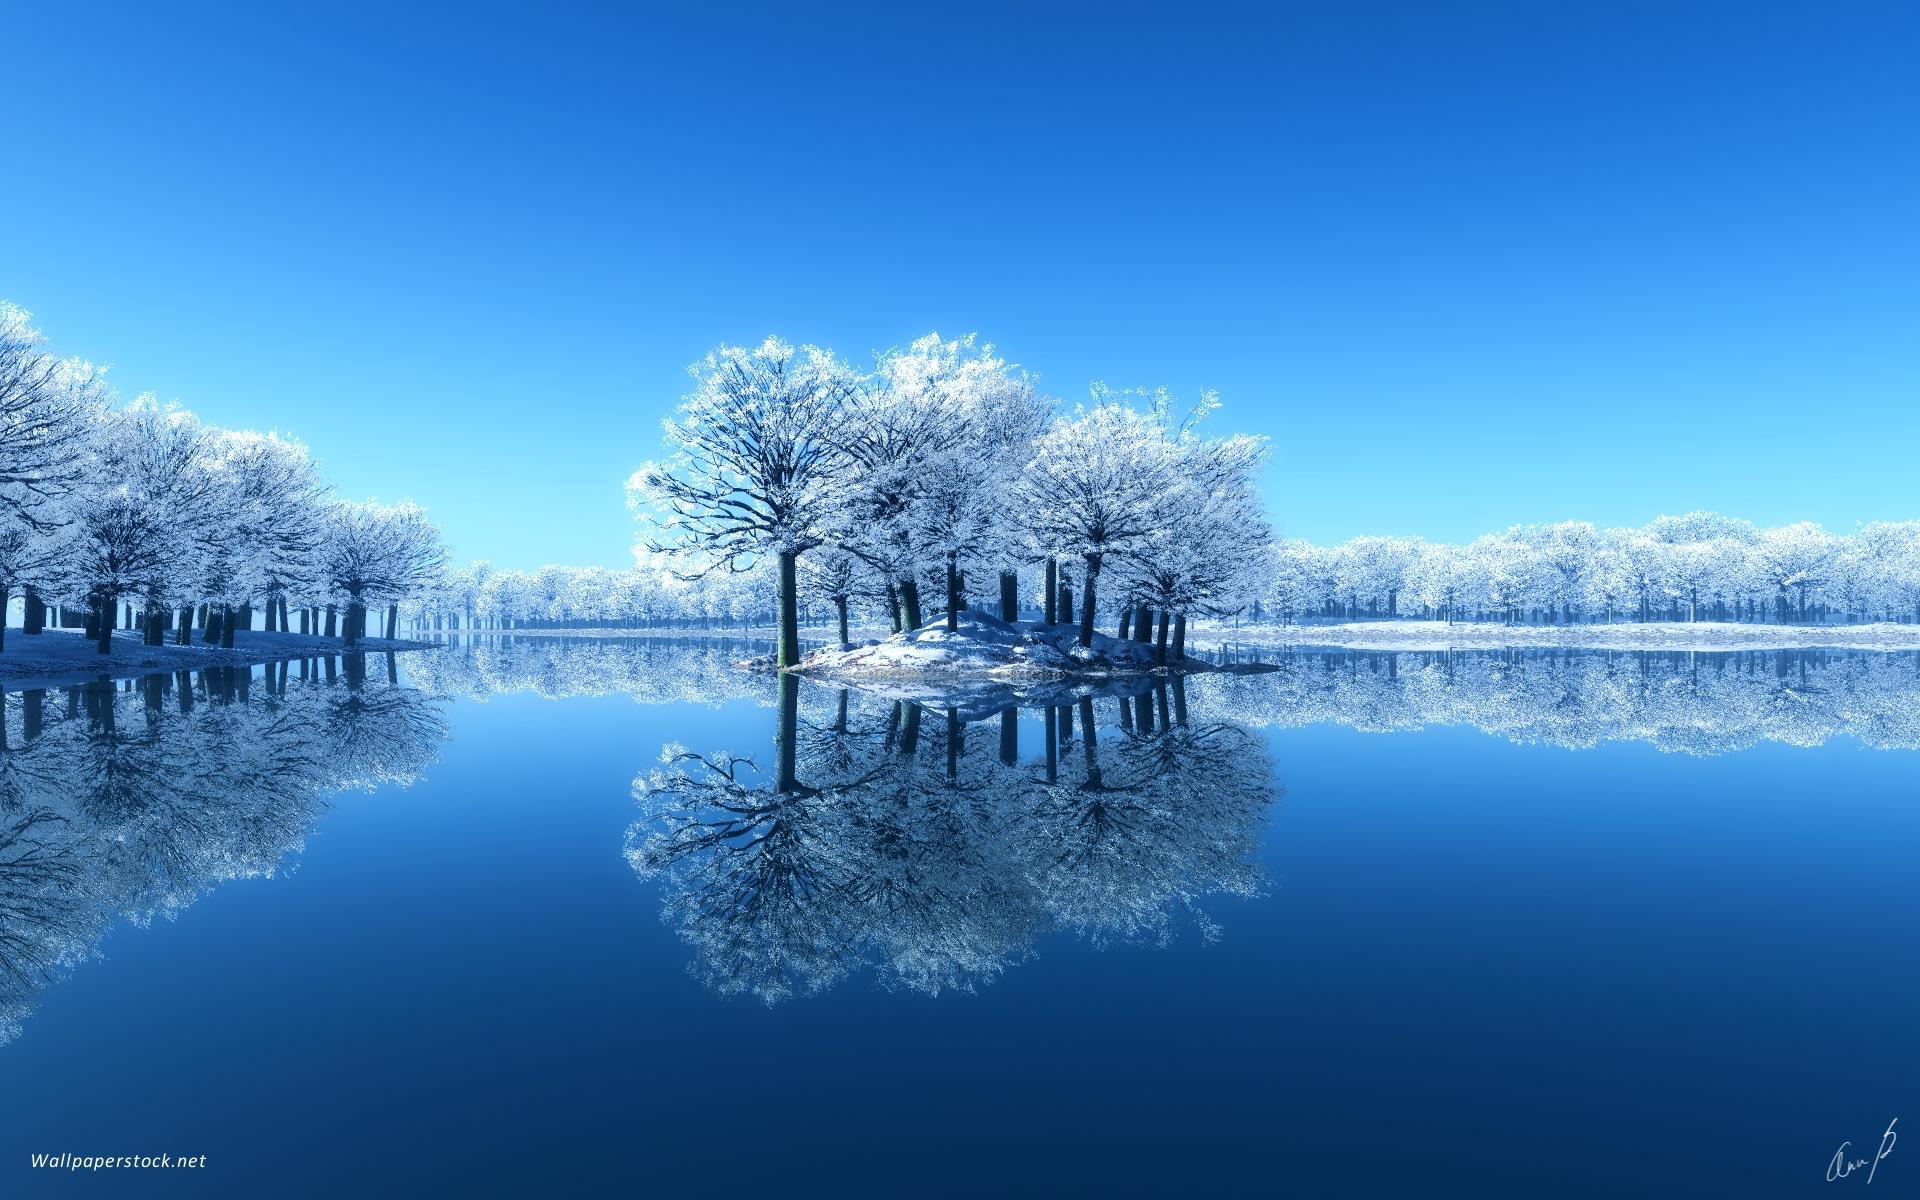 wwwwallpaperseekcombeautiful winter scene wallpapers w9797html 1920x1200